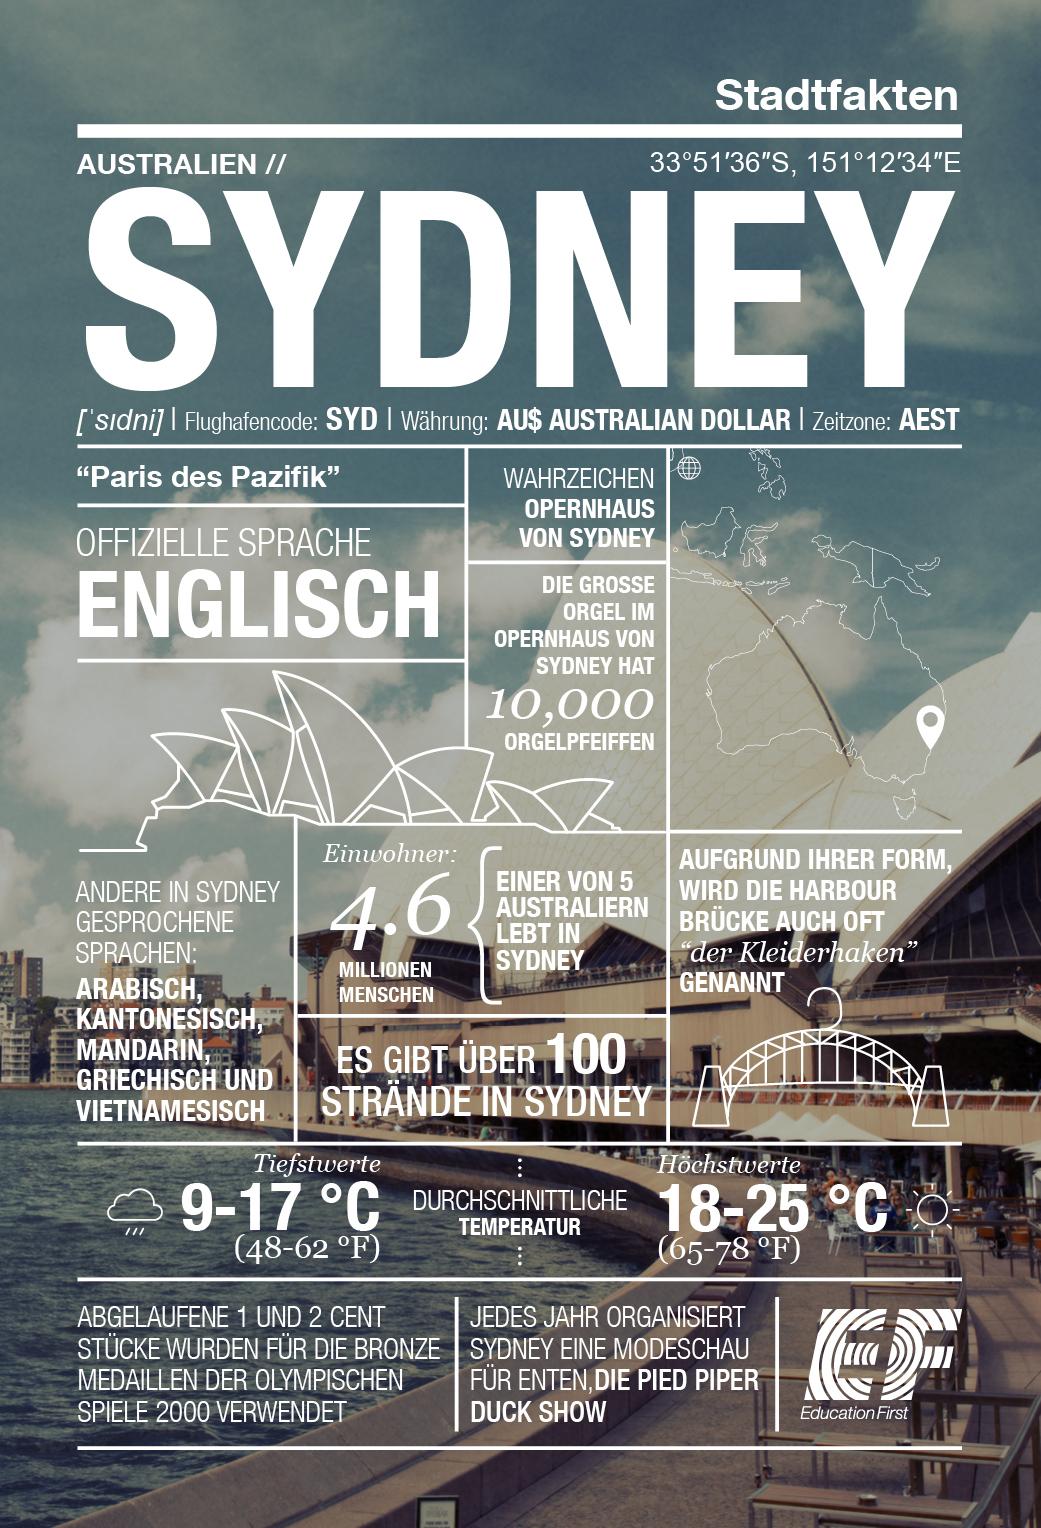 sydney-infografik